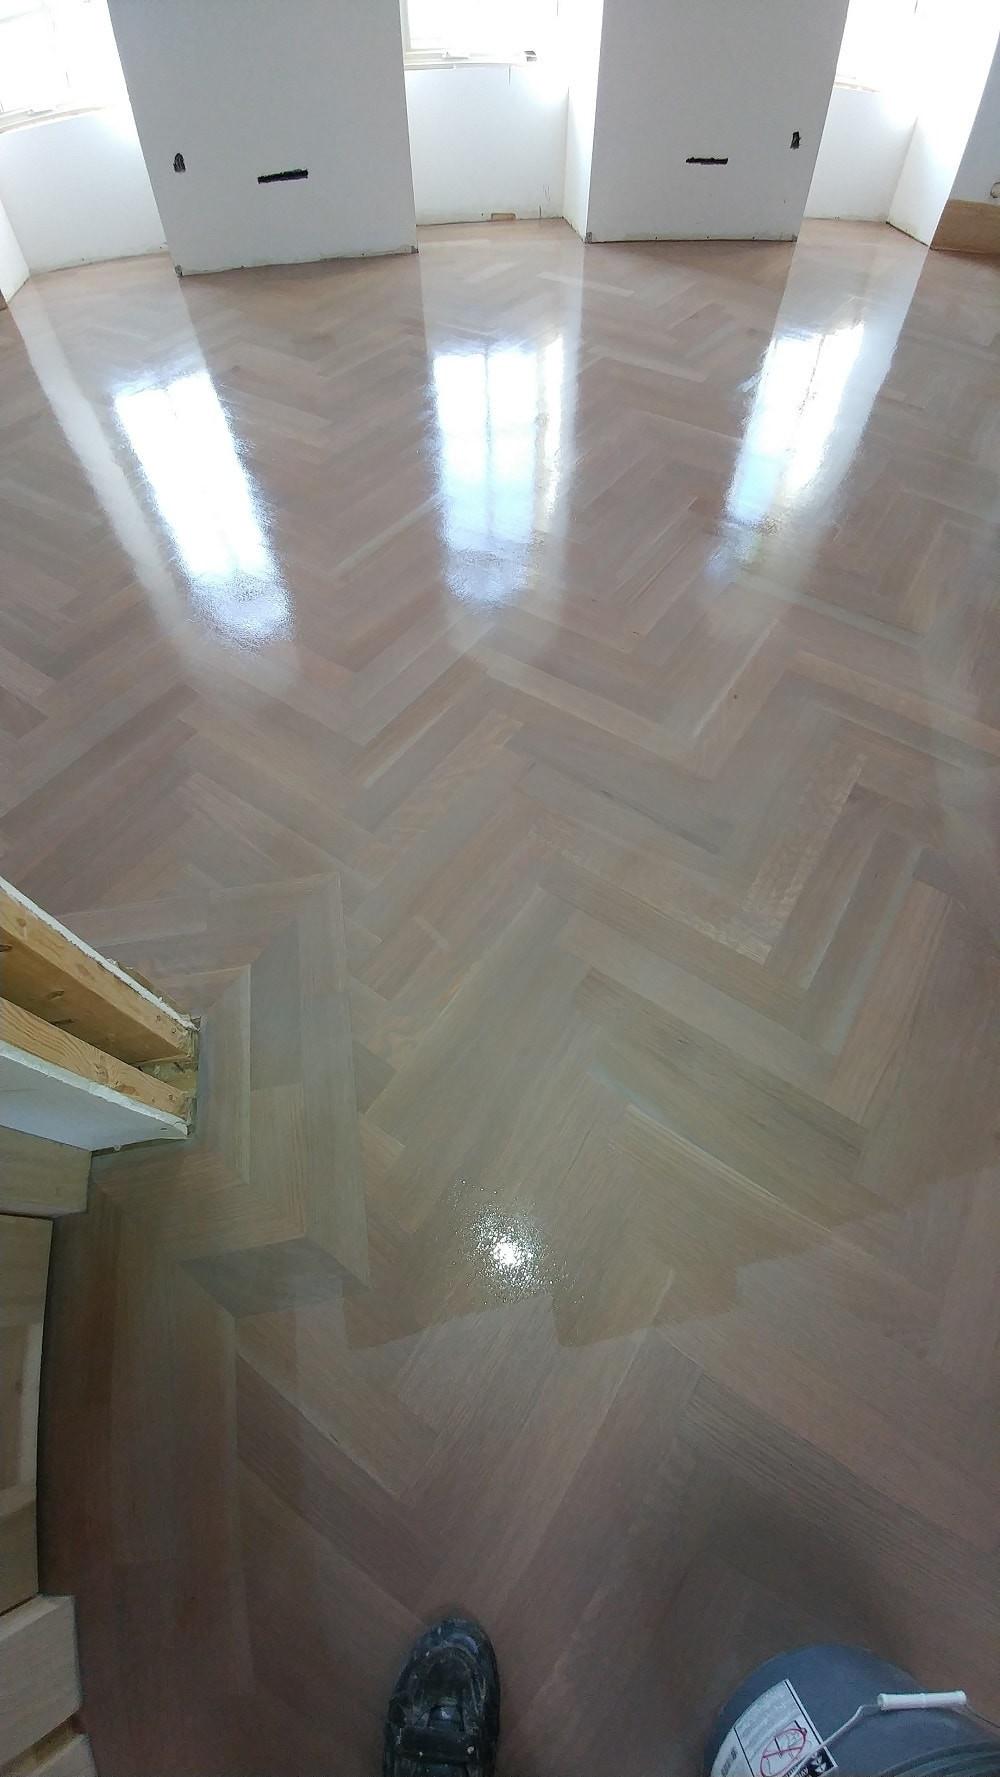 hardwood floor refinishing mississauga of odnowa drewnianej poda'ogi mississauga toronto cyklinowanie inside refinishing hardwood floor refinishing